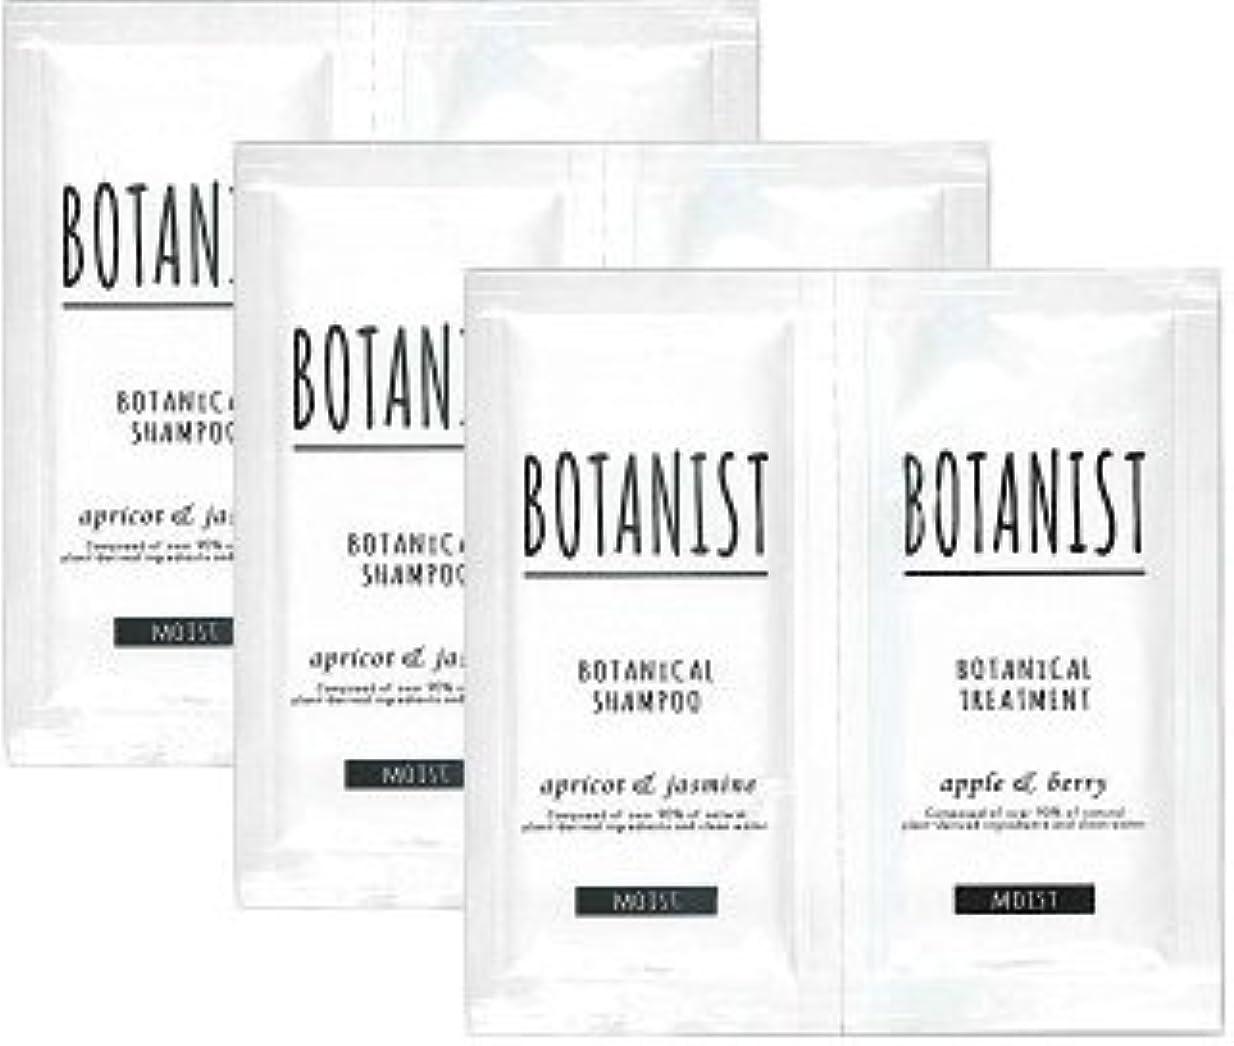 裏切るワイド薬を飲むボタニスト ボタニカルシャンプー&トリートメント モイスト トライアル 10ml+10g 3個セット